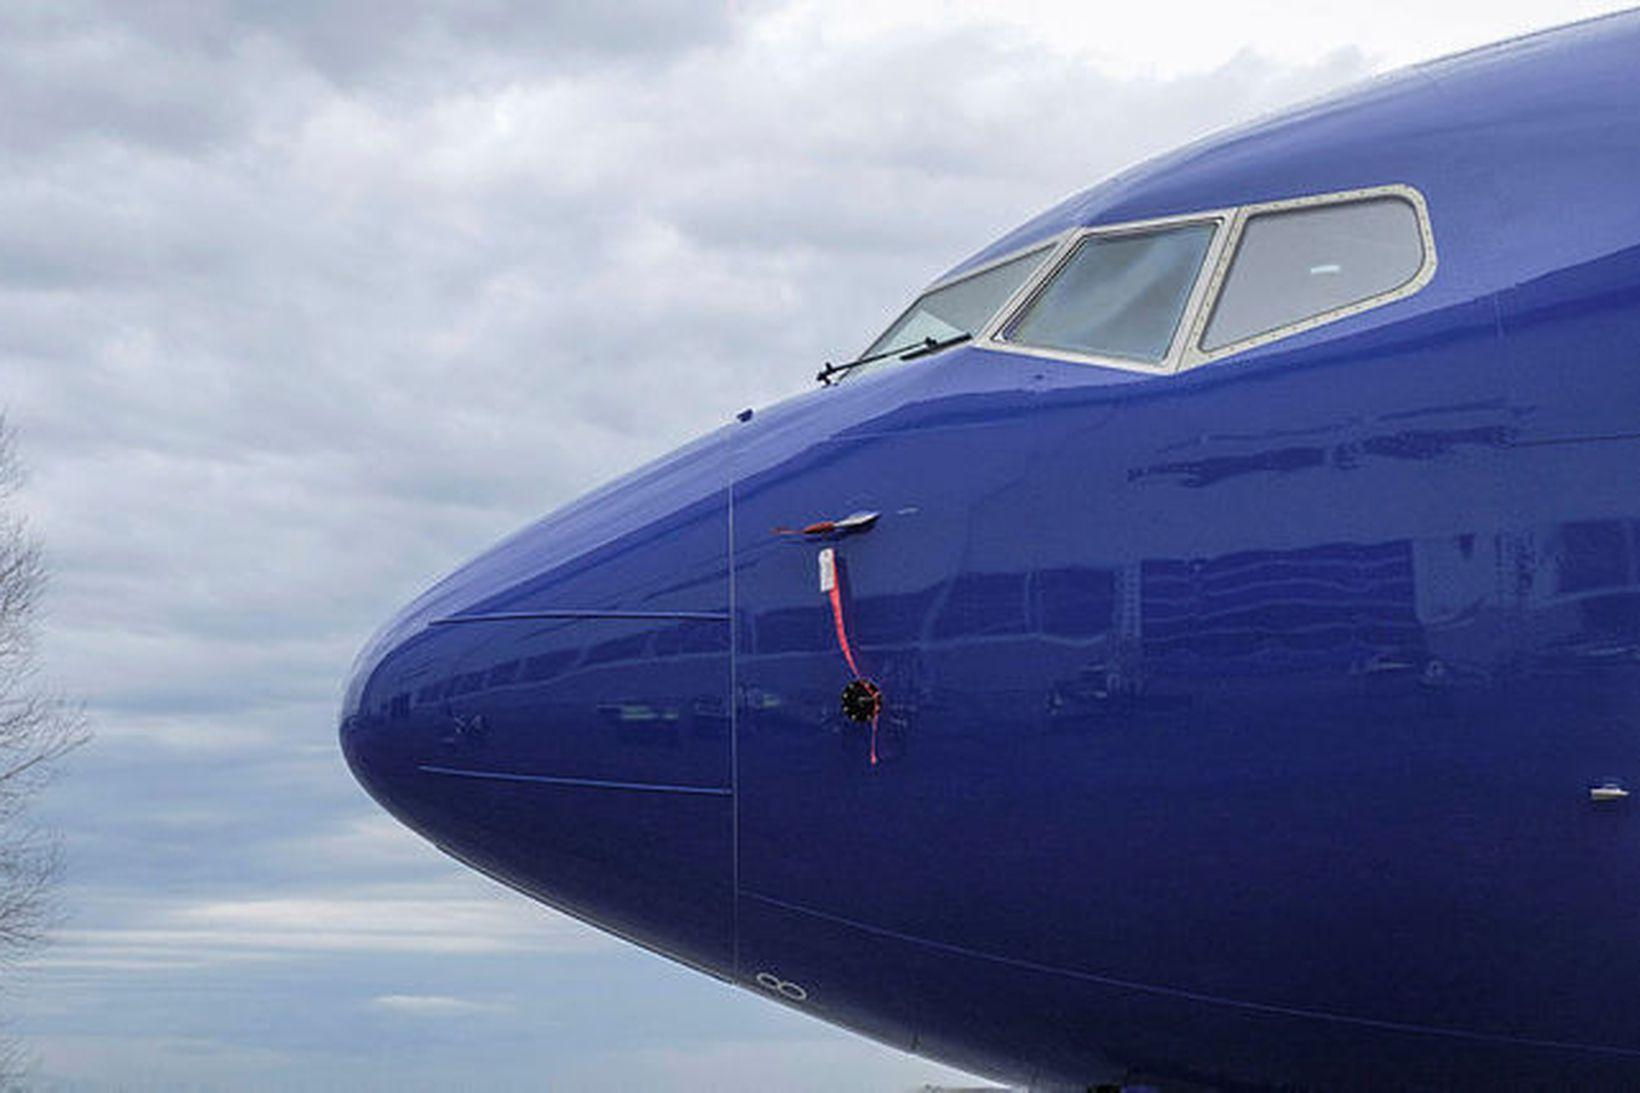 Vél af gerðinni 737 MAX 8 við verksmiðjur Boeing í …